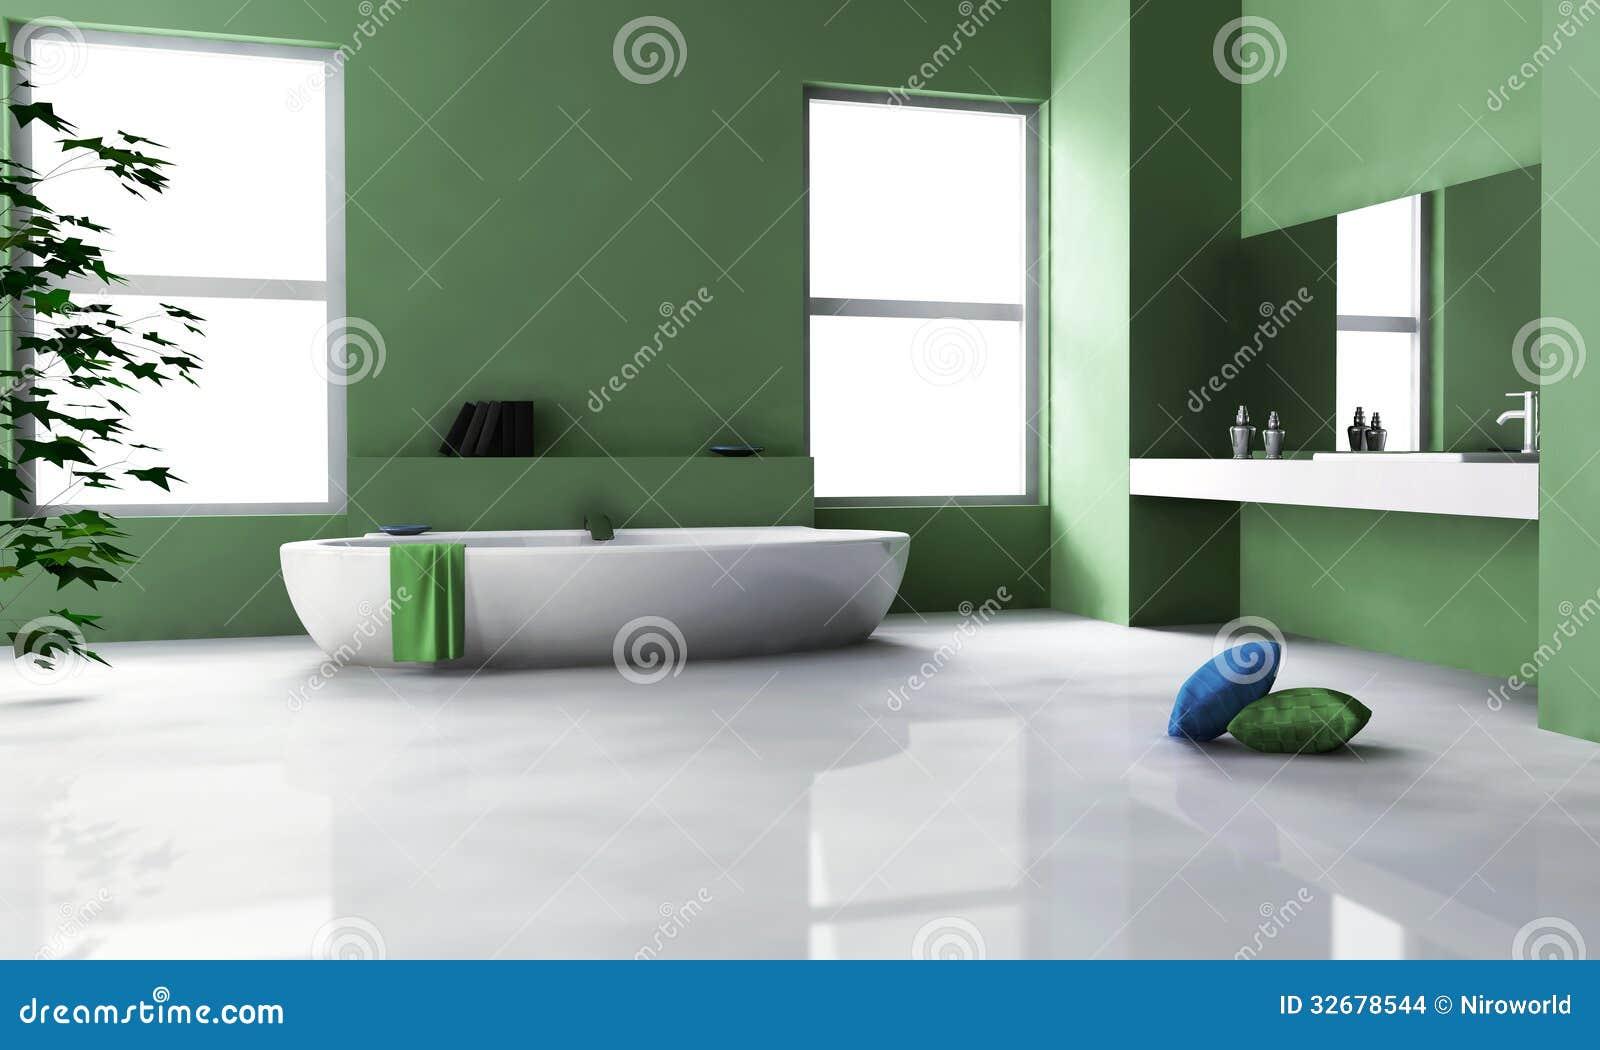 Groen badkamers binnenlands ontwerp stock afbeeldingen beeld 32678544 - Badkamer meubilair ontwerp eigentijds ...